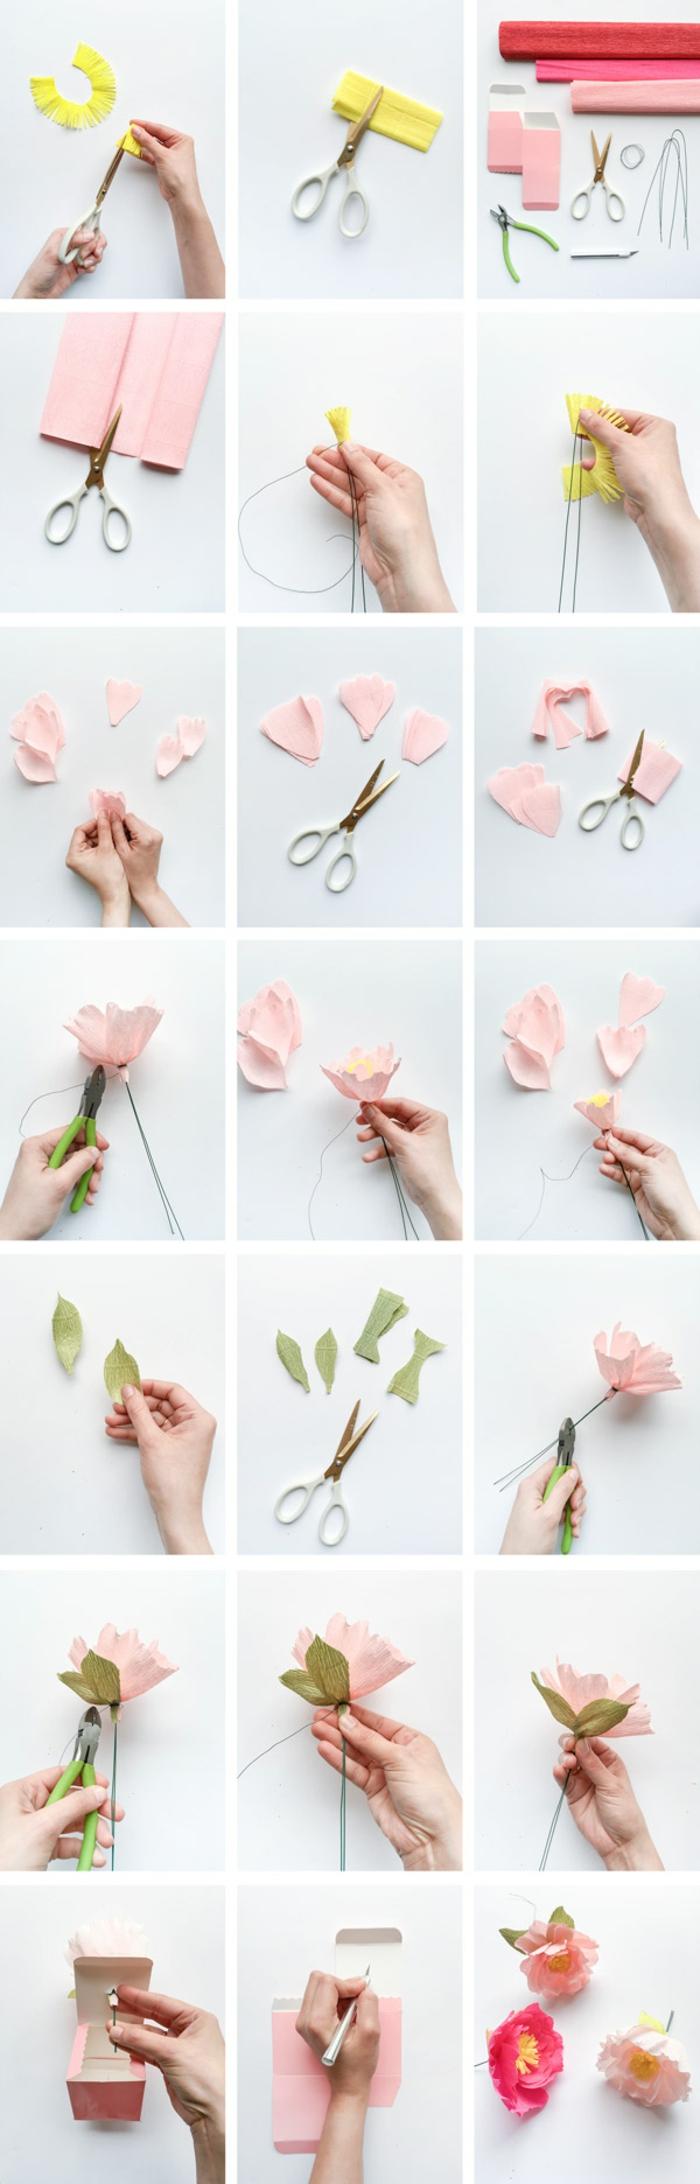 tuto fleur papier simple, comment faire de simles fleurs en papier crépon à pétales roses, feuilles vertes et tige de fil de fer vert